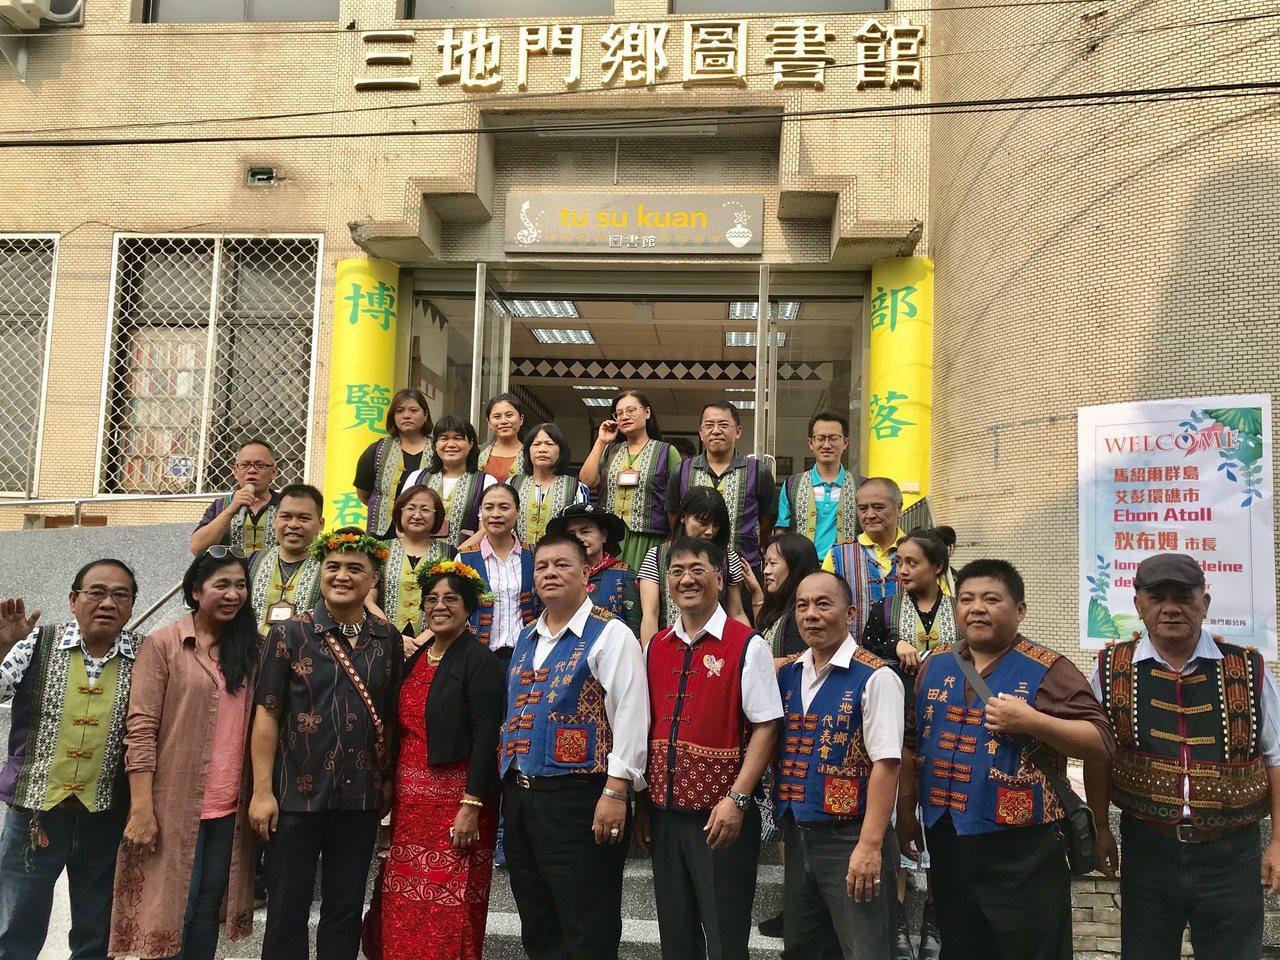 馬紹爾群島艾彭環礁市長狄布姆(前排左四)造訪三地門鄉。記者江國豪/攝影